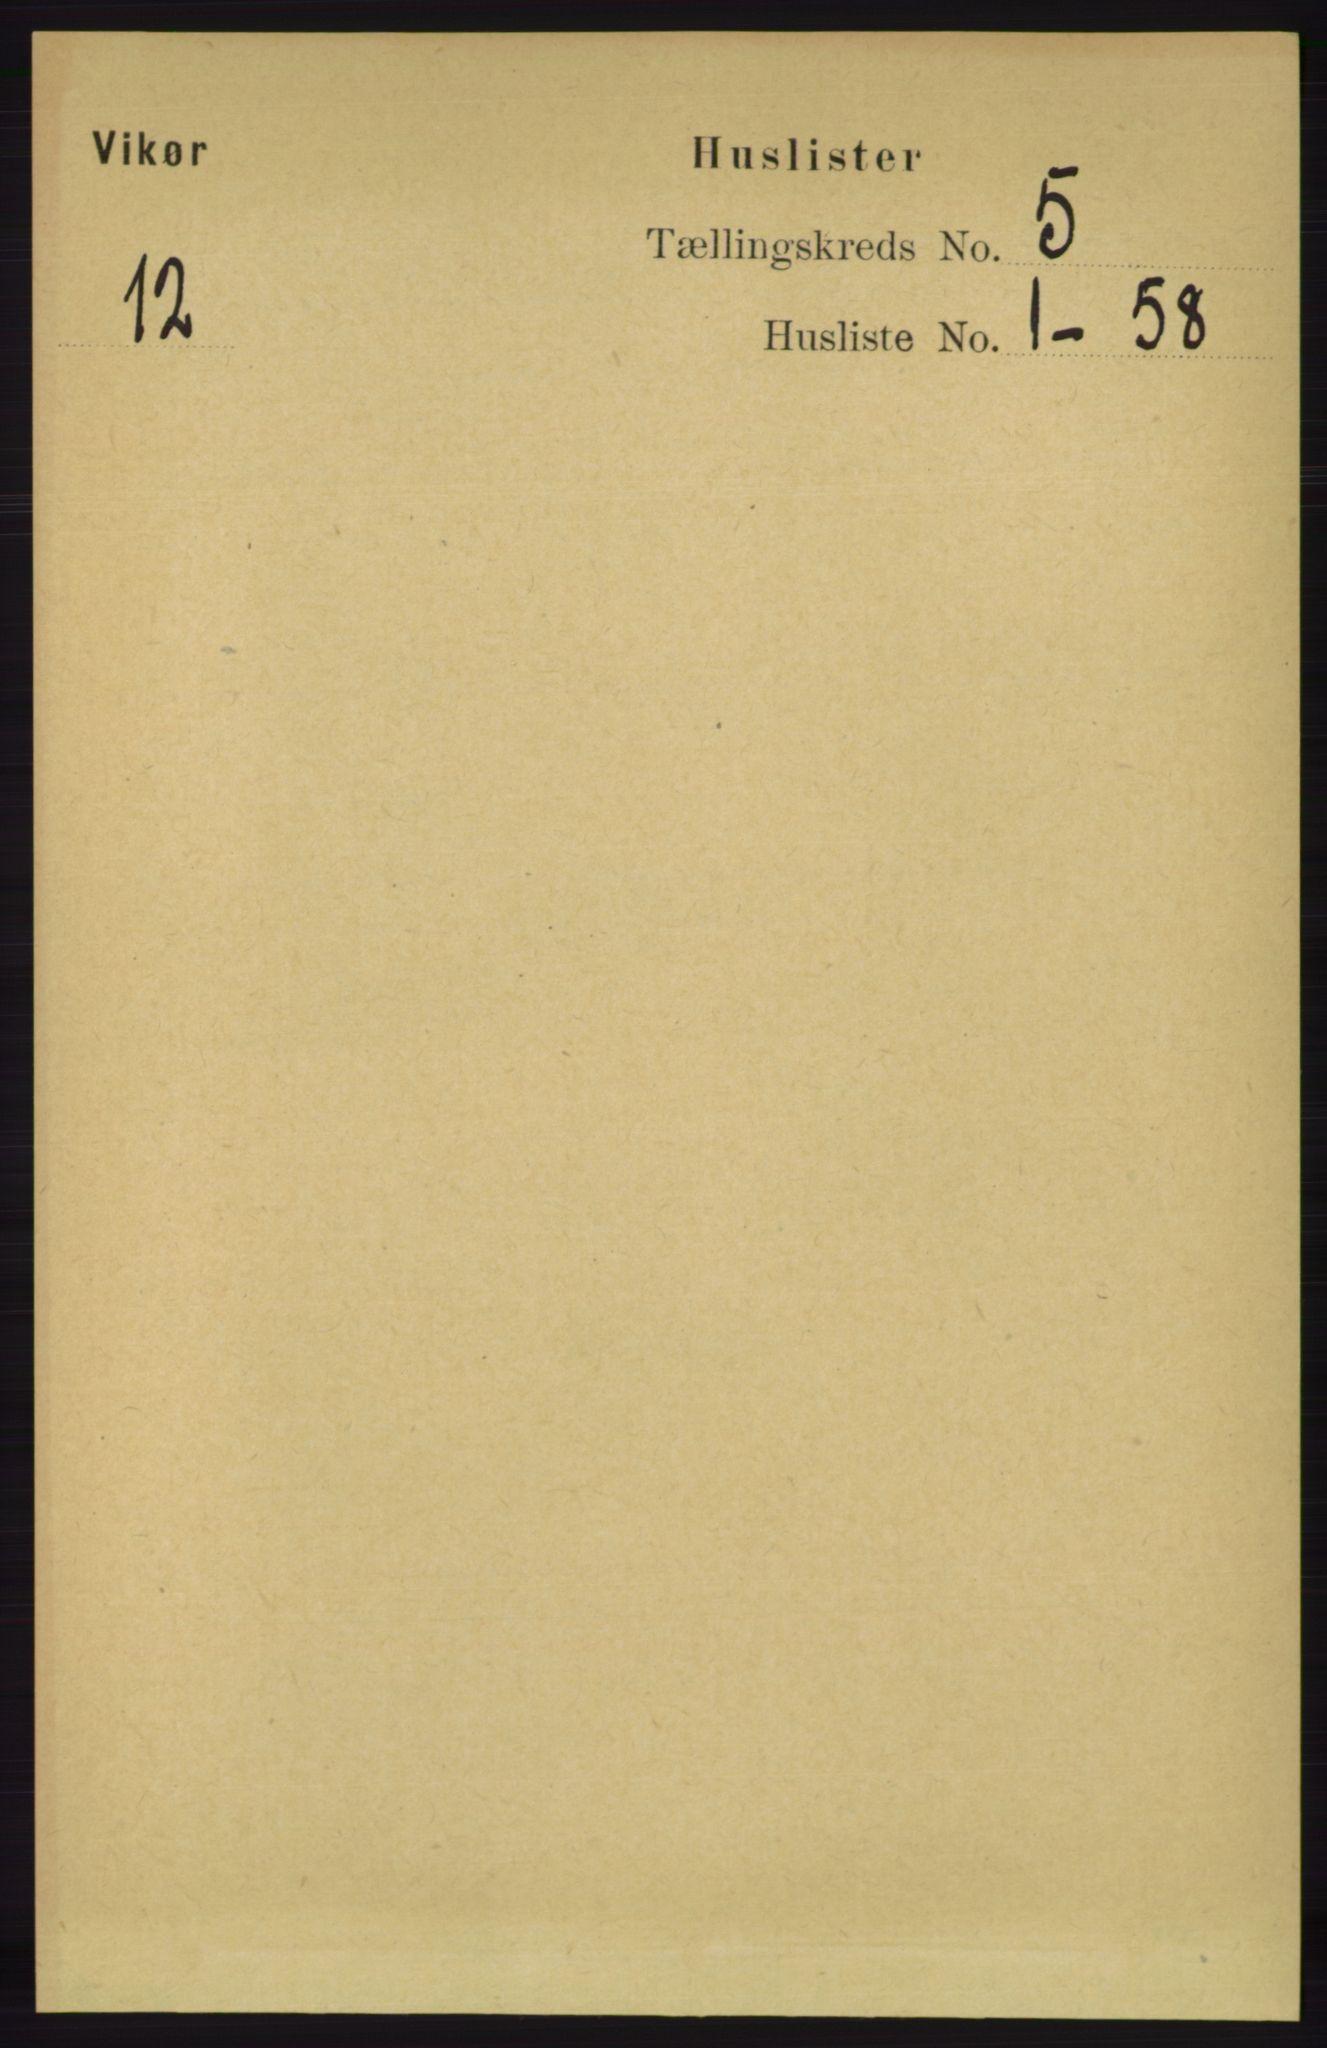 RA, Folketelling 1891 for 1238 Vikør herred, 1891, s. 1357